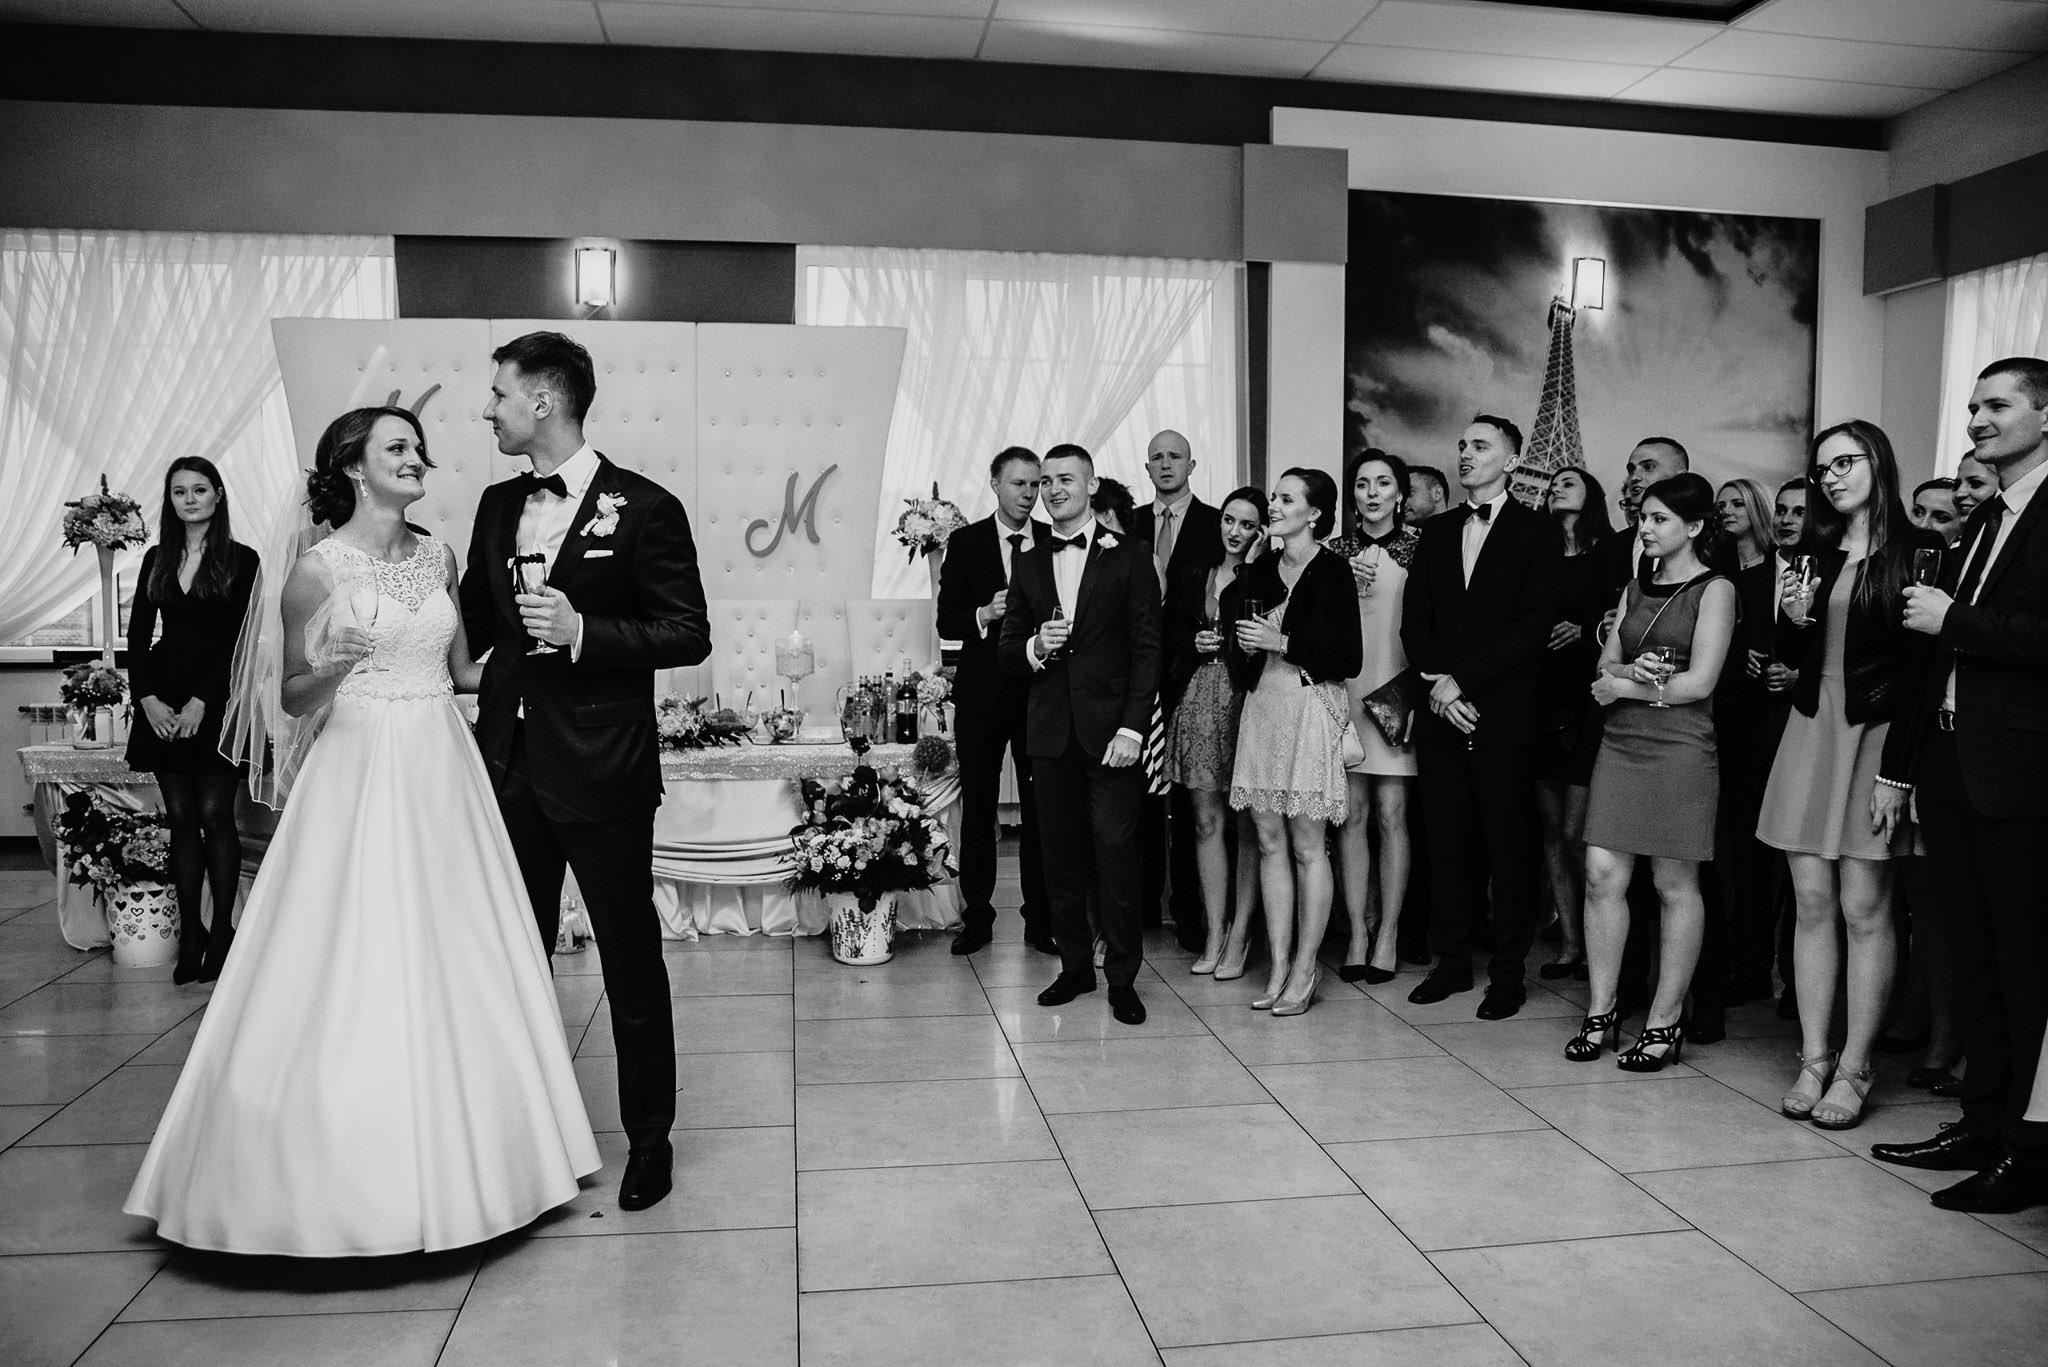 Monika i Michał, wesele w Paryżu i sesja plenerowa w stadninie koni w Czołowie 178